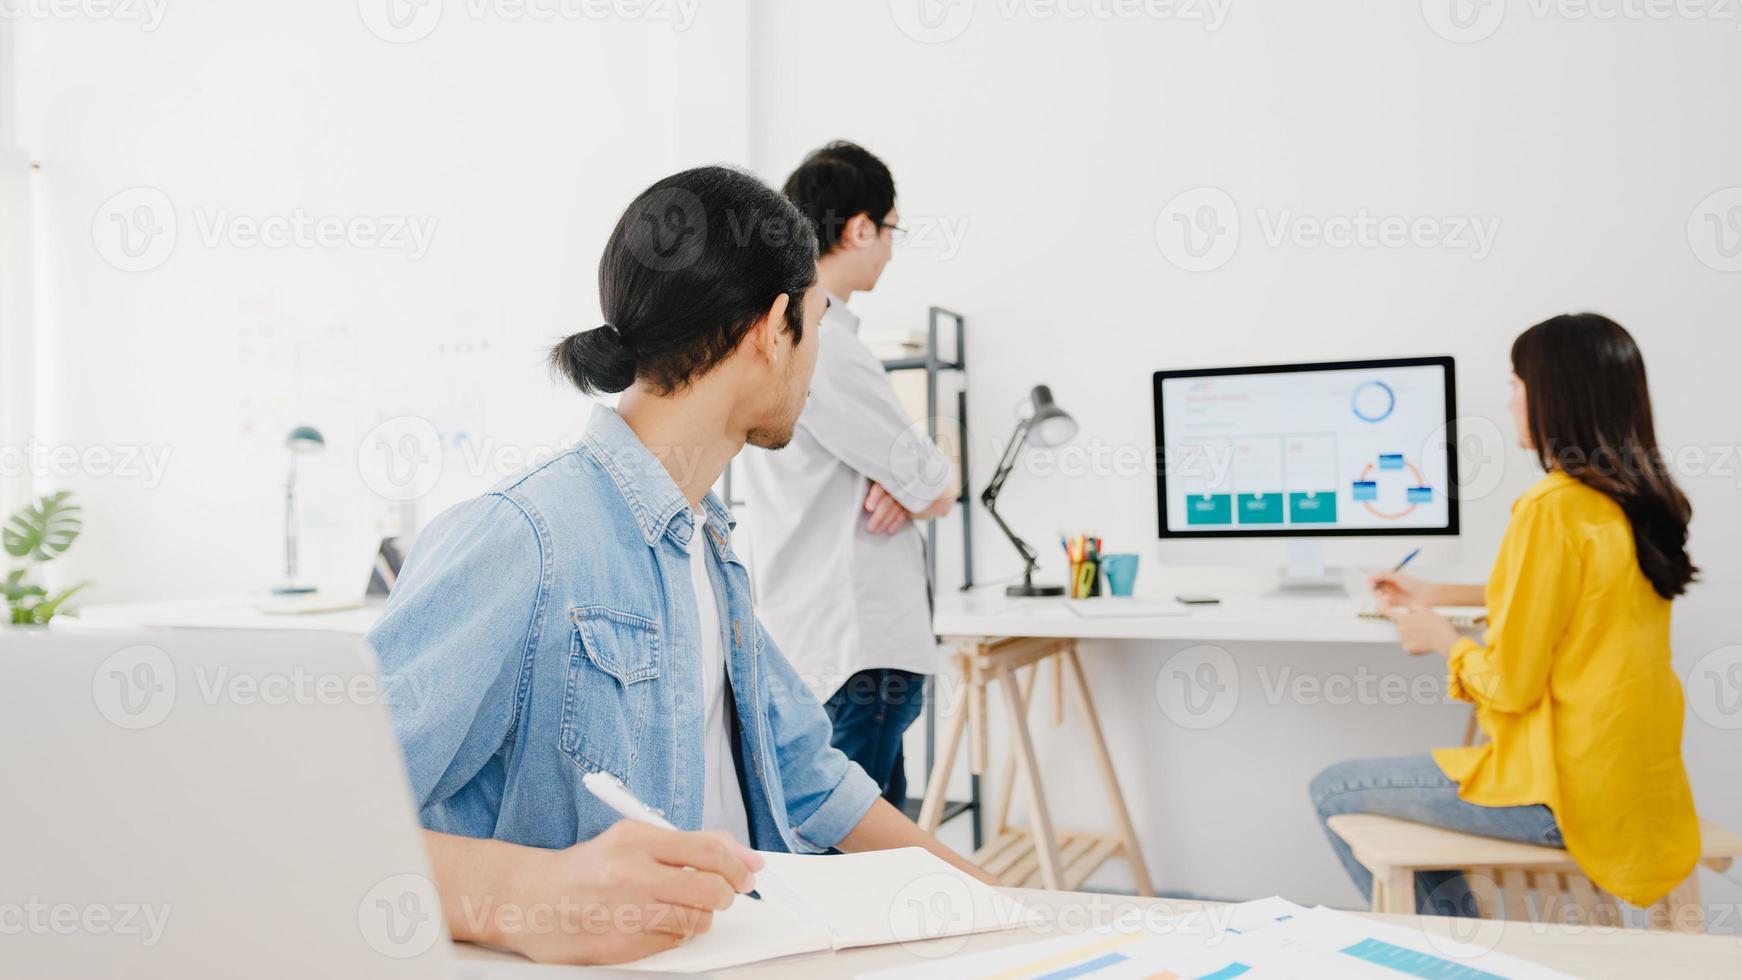 processo collaborativo di uomini d'affari multiculturali che utilizzano la presentazione del laptop e la riunione di comunicazione idee di brainstorming su nuovi colleghi di progetto piano di lavoro strategia di successo in home office. foto